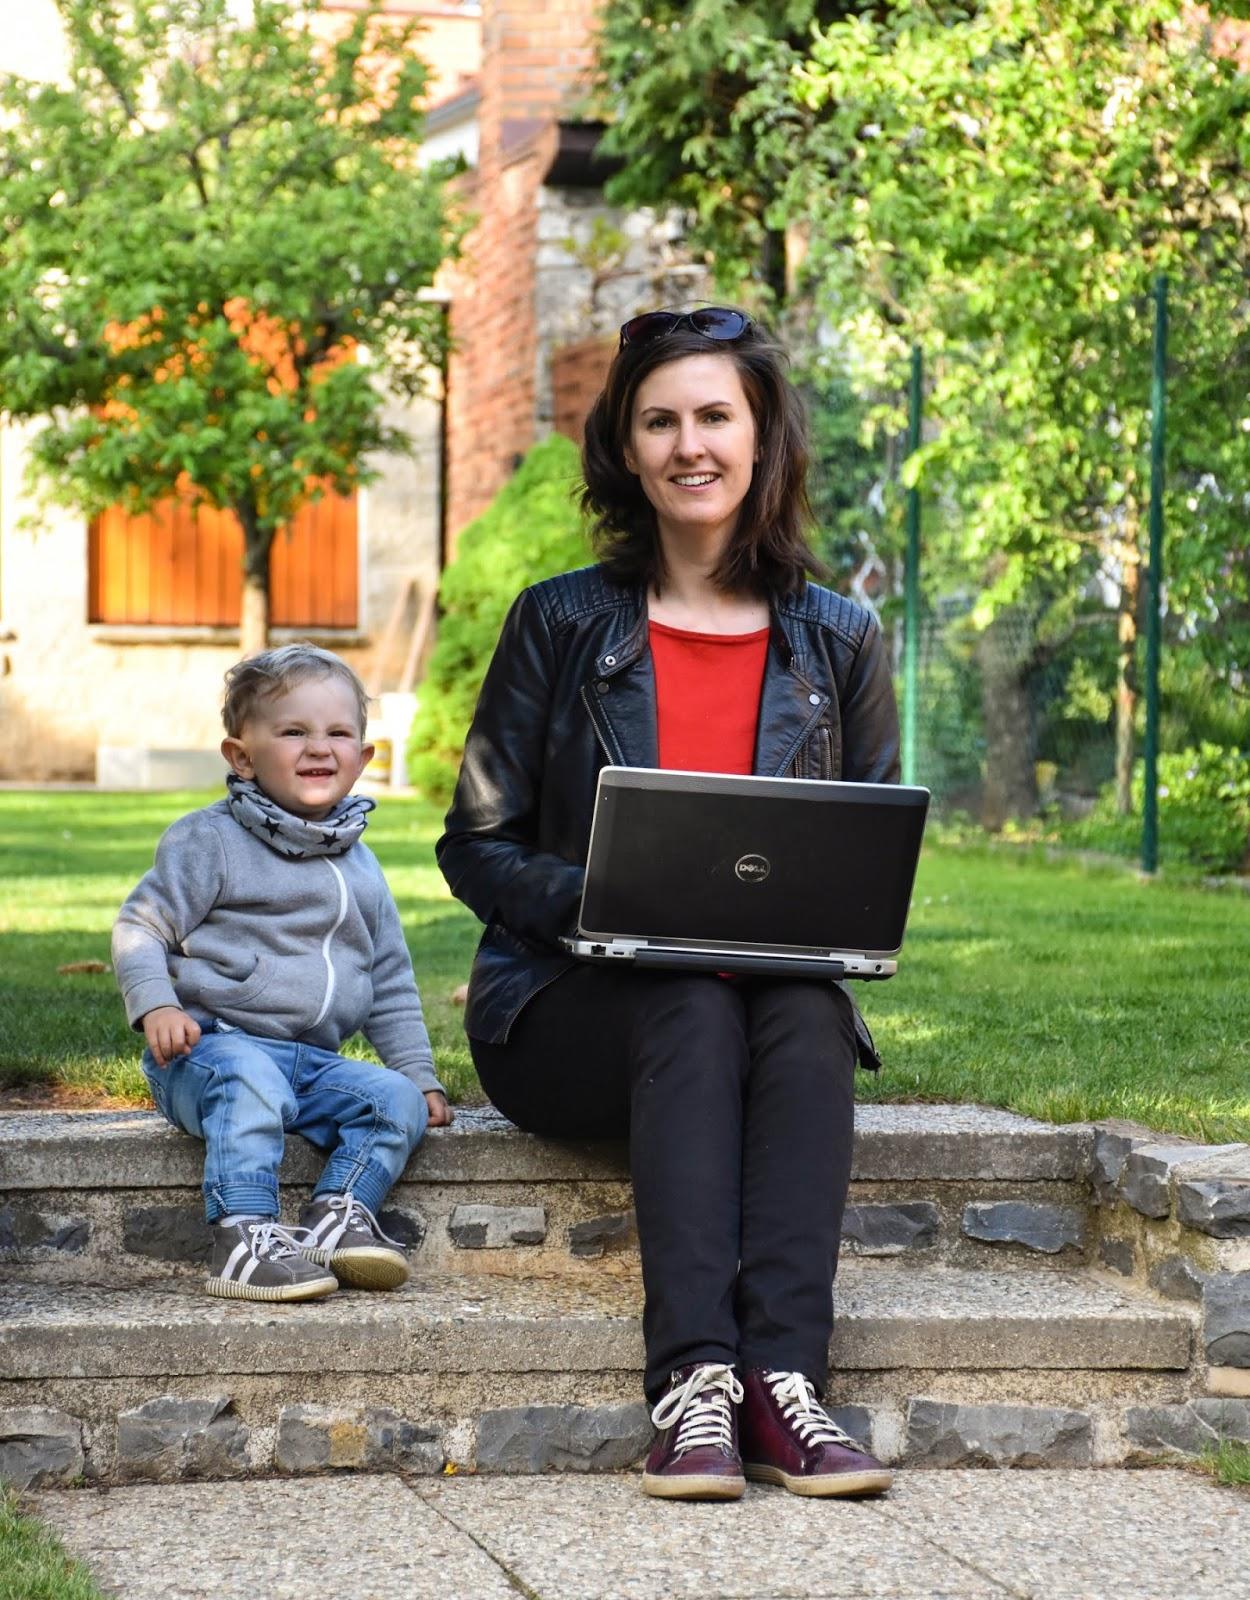 práce na mateřské, mateřská dovolená, práce s dětmi, HR, personalistika, aktivní máma